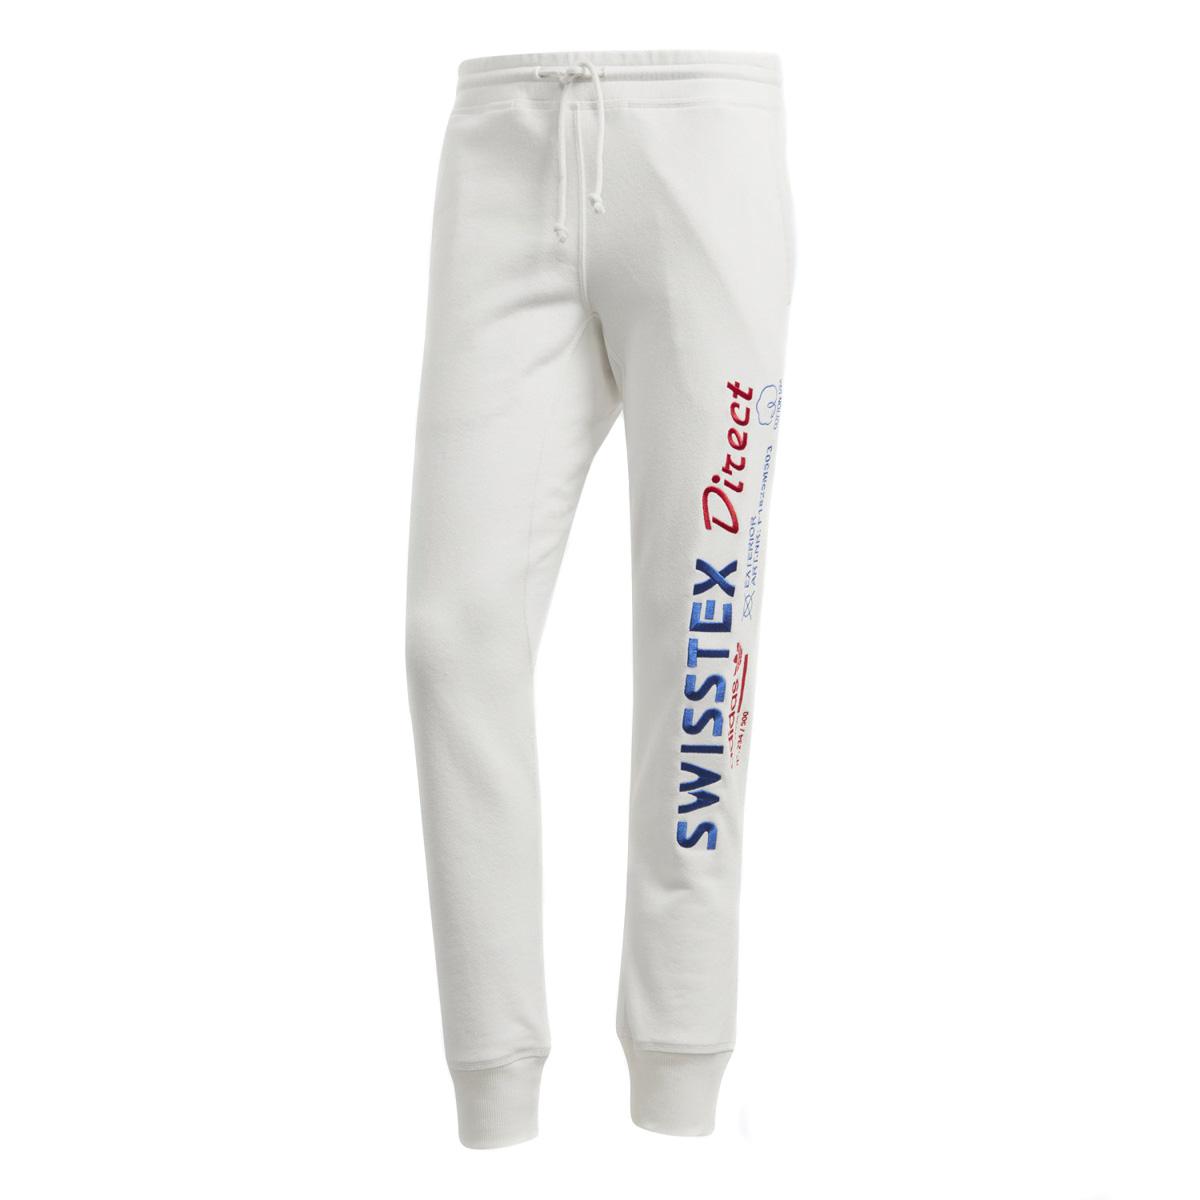 adidas KAVAL SWEATPANTS(アディダス カバルスウェットパンツ)クラウドホワイト F18【メンズ Tシャツ】18FW-I